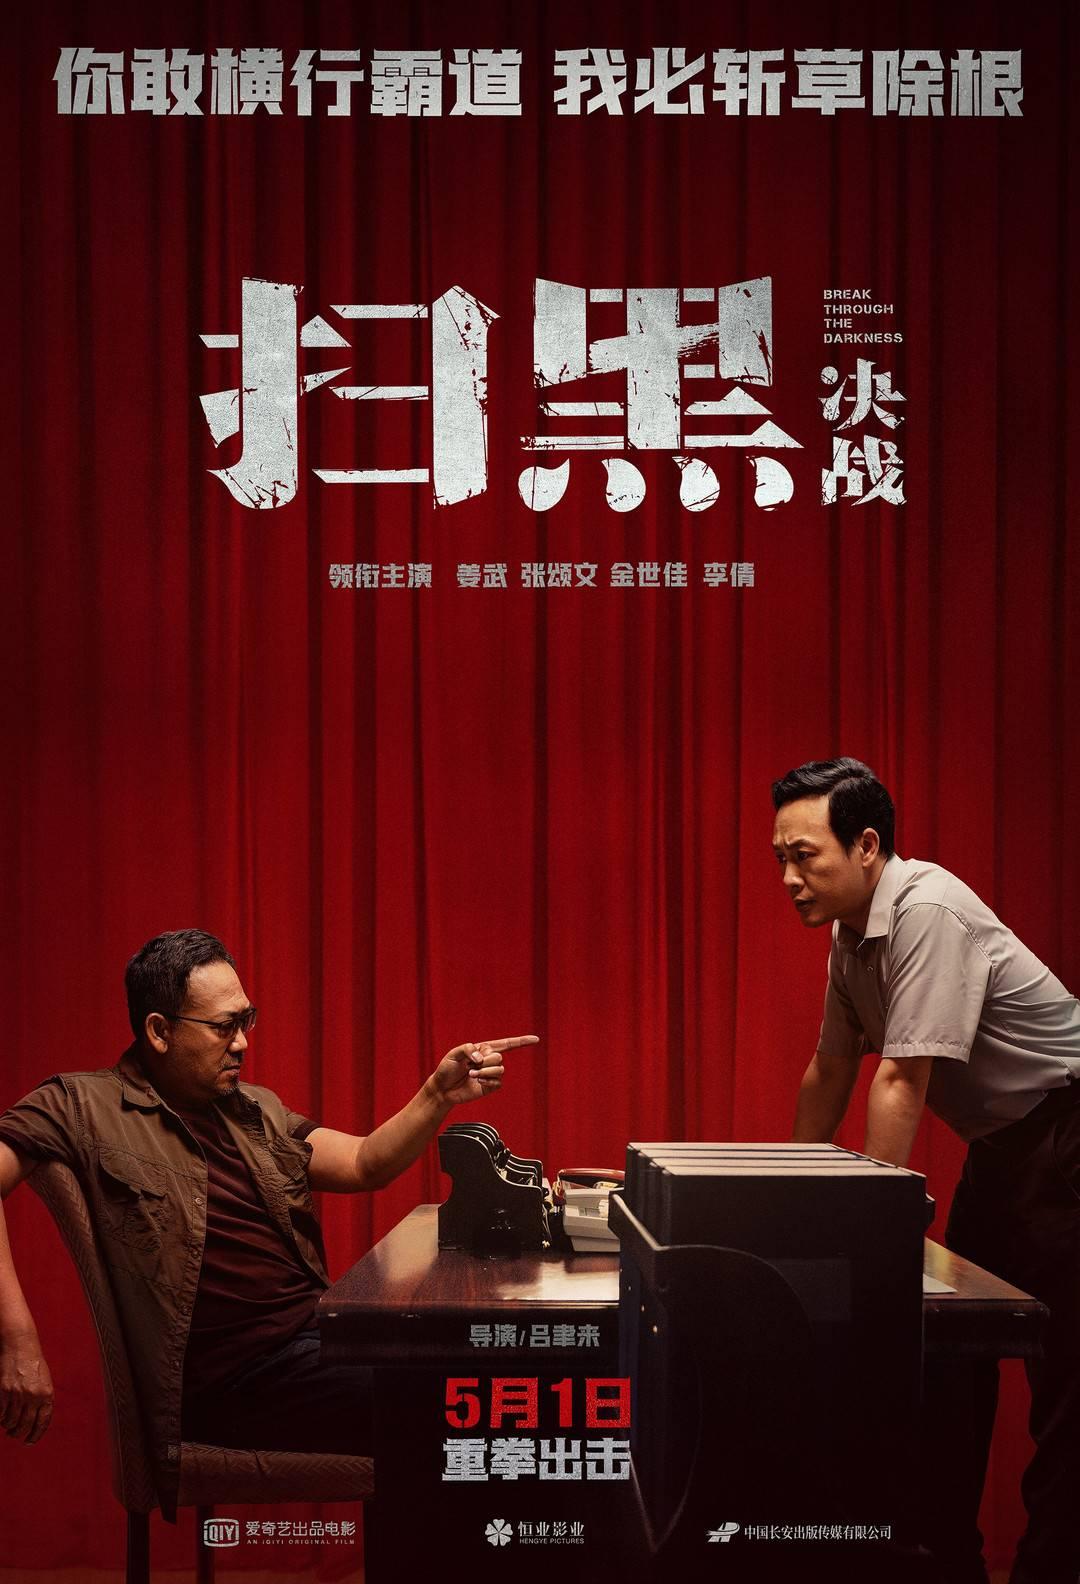 川籍导演新作《扫黑·决战》亮剑五一,姜武张颂文扫黑除恶